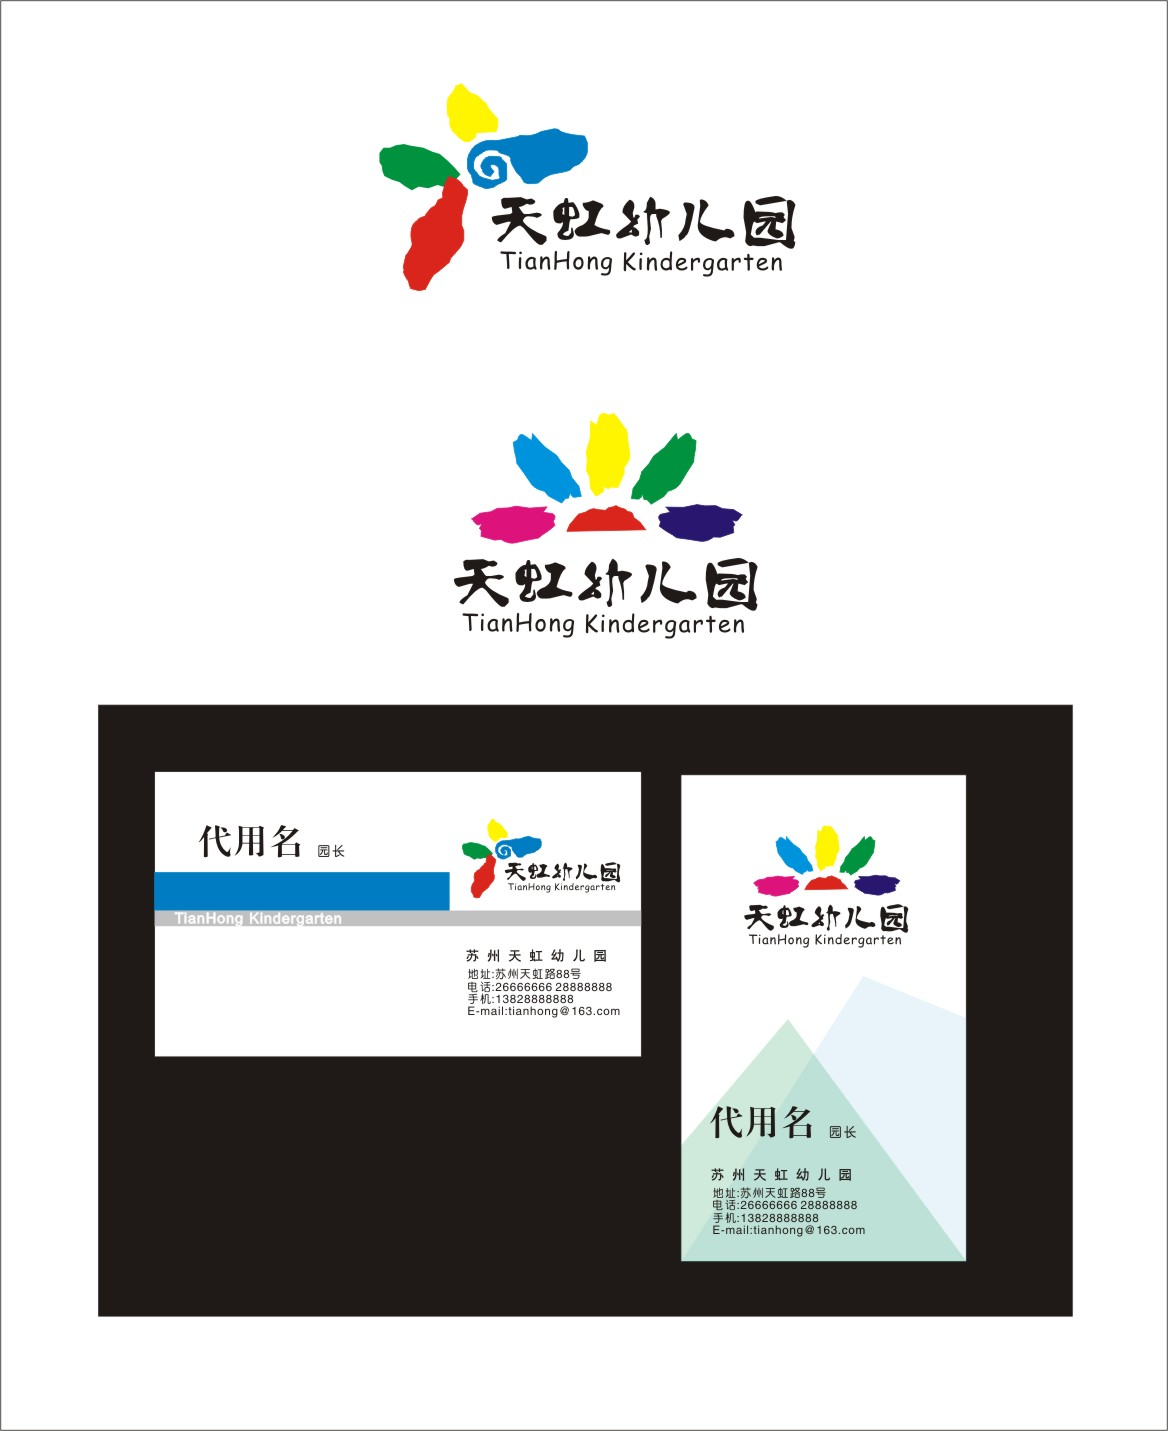 苏州天虹幼儿园园长名片及标志